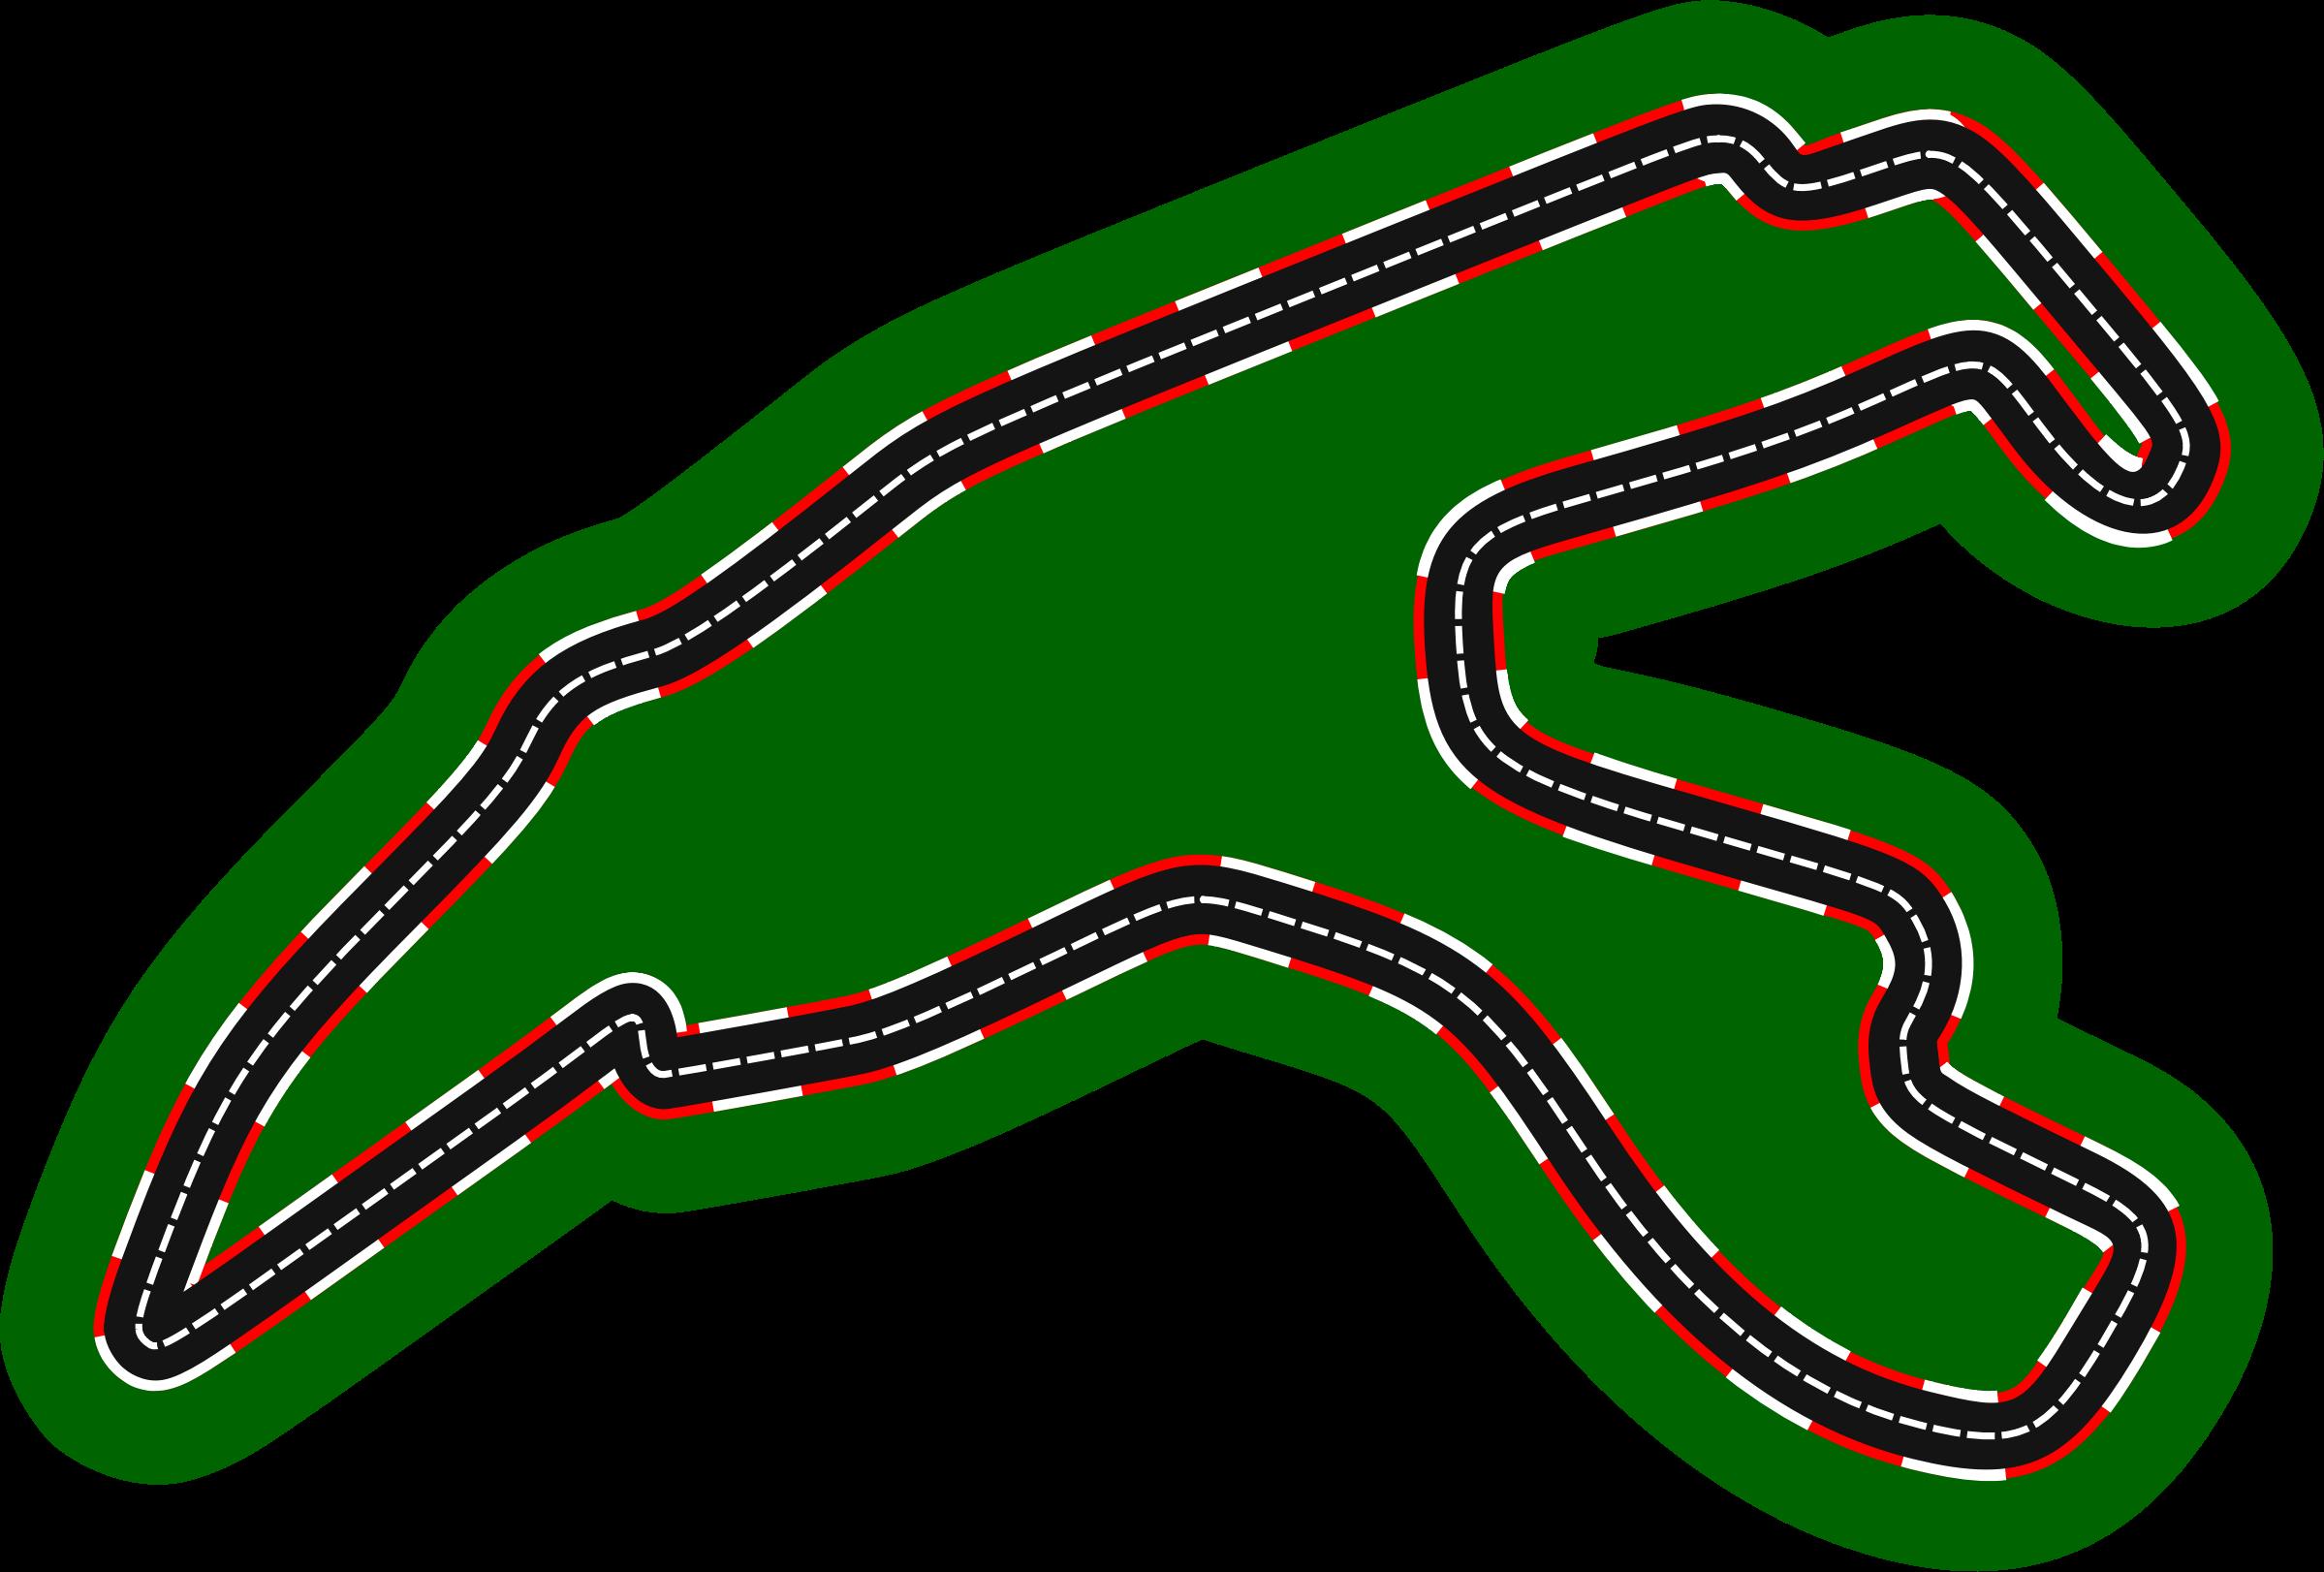 Race clipart racecourse. F circuits circuit de